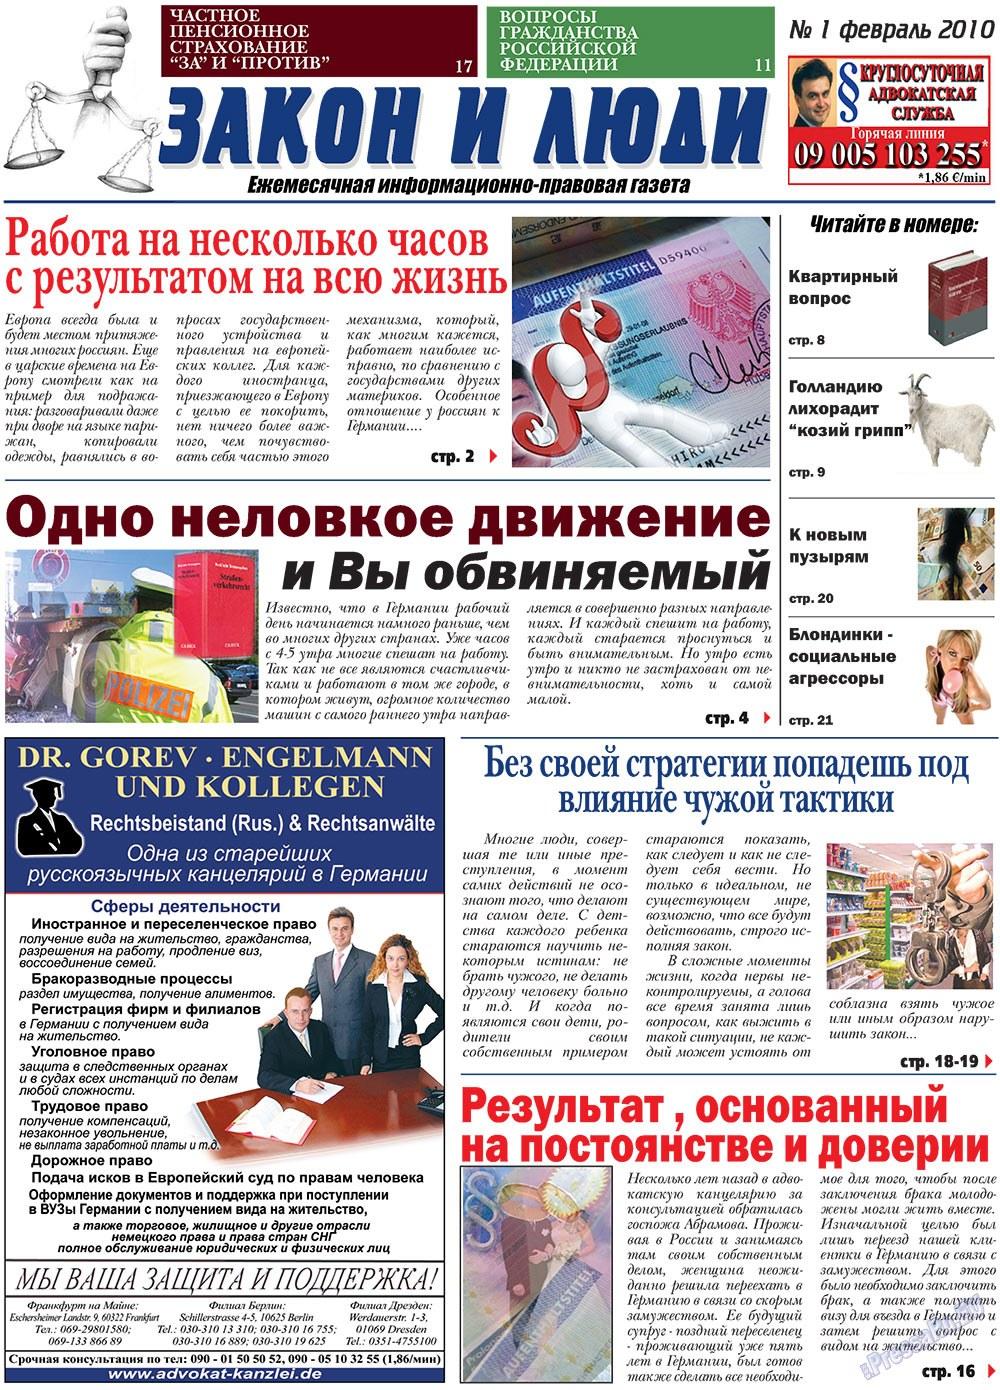 Закон и люди (газета). 2010 год, номер 1, стр. 1